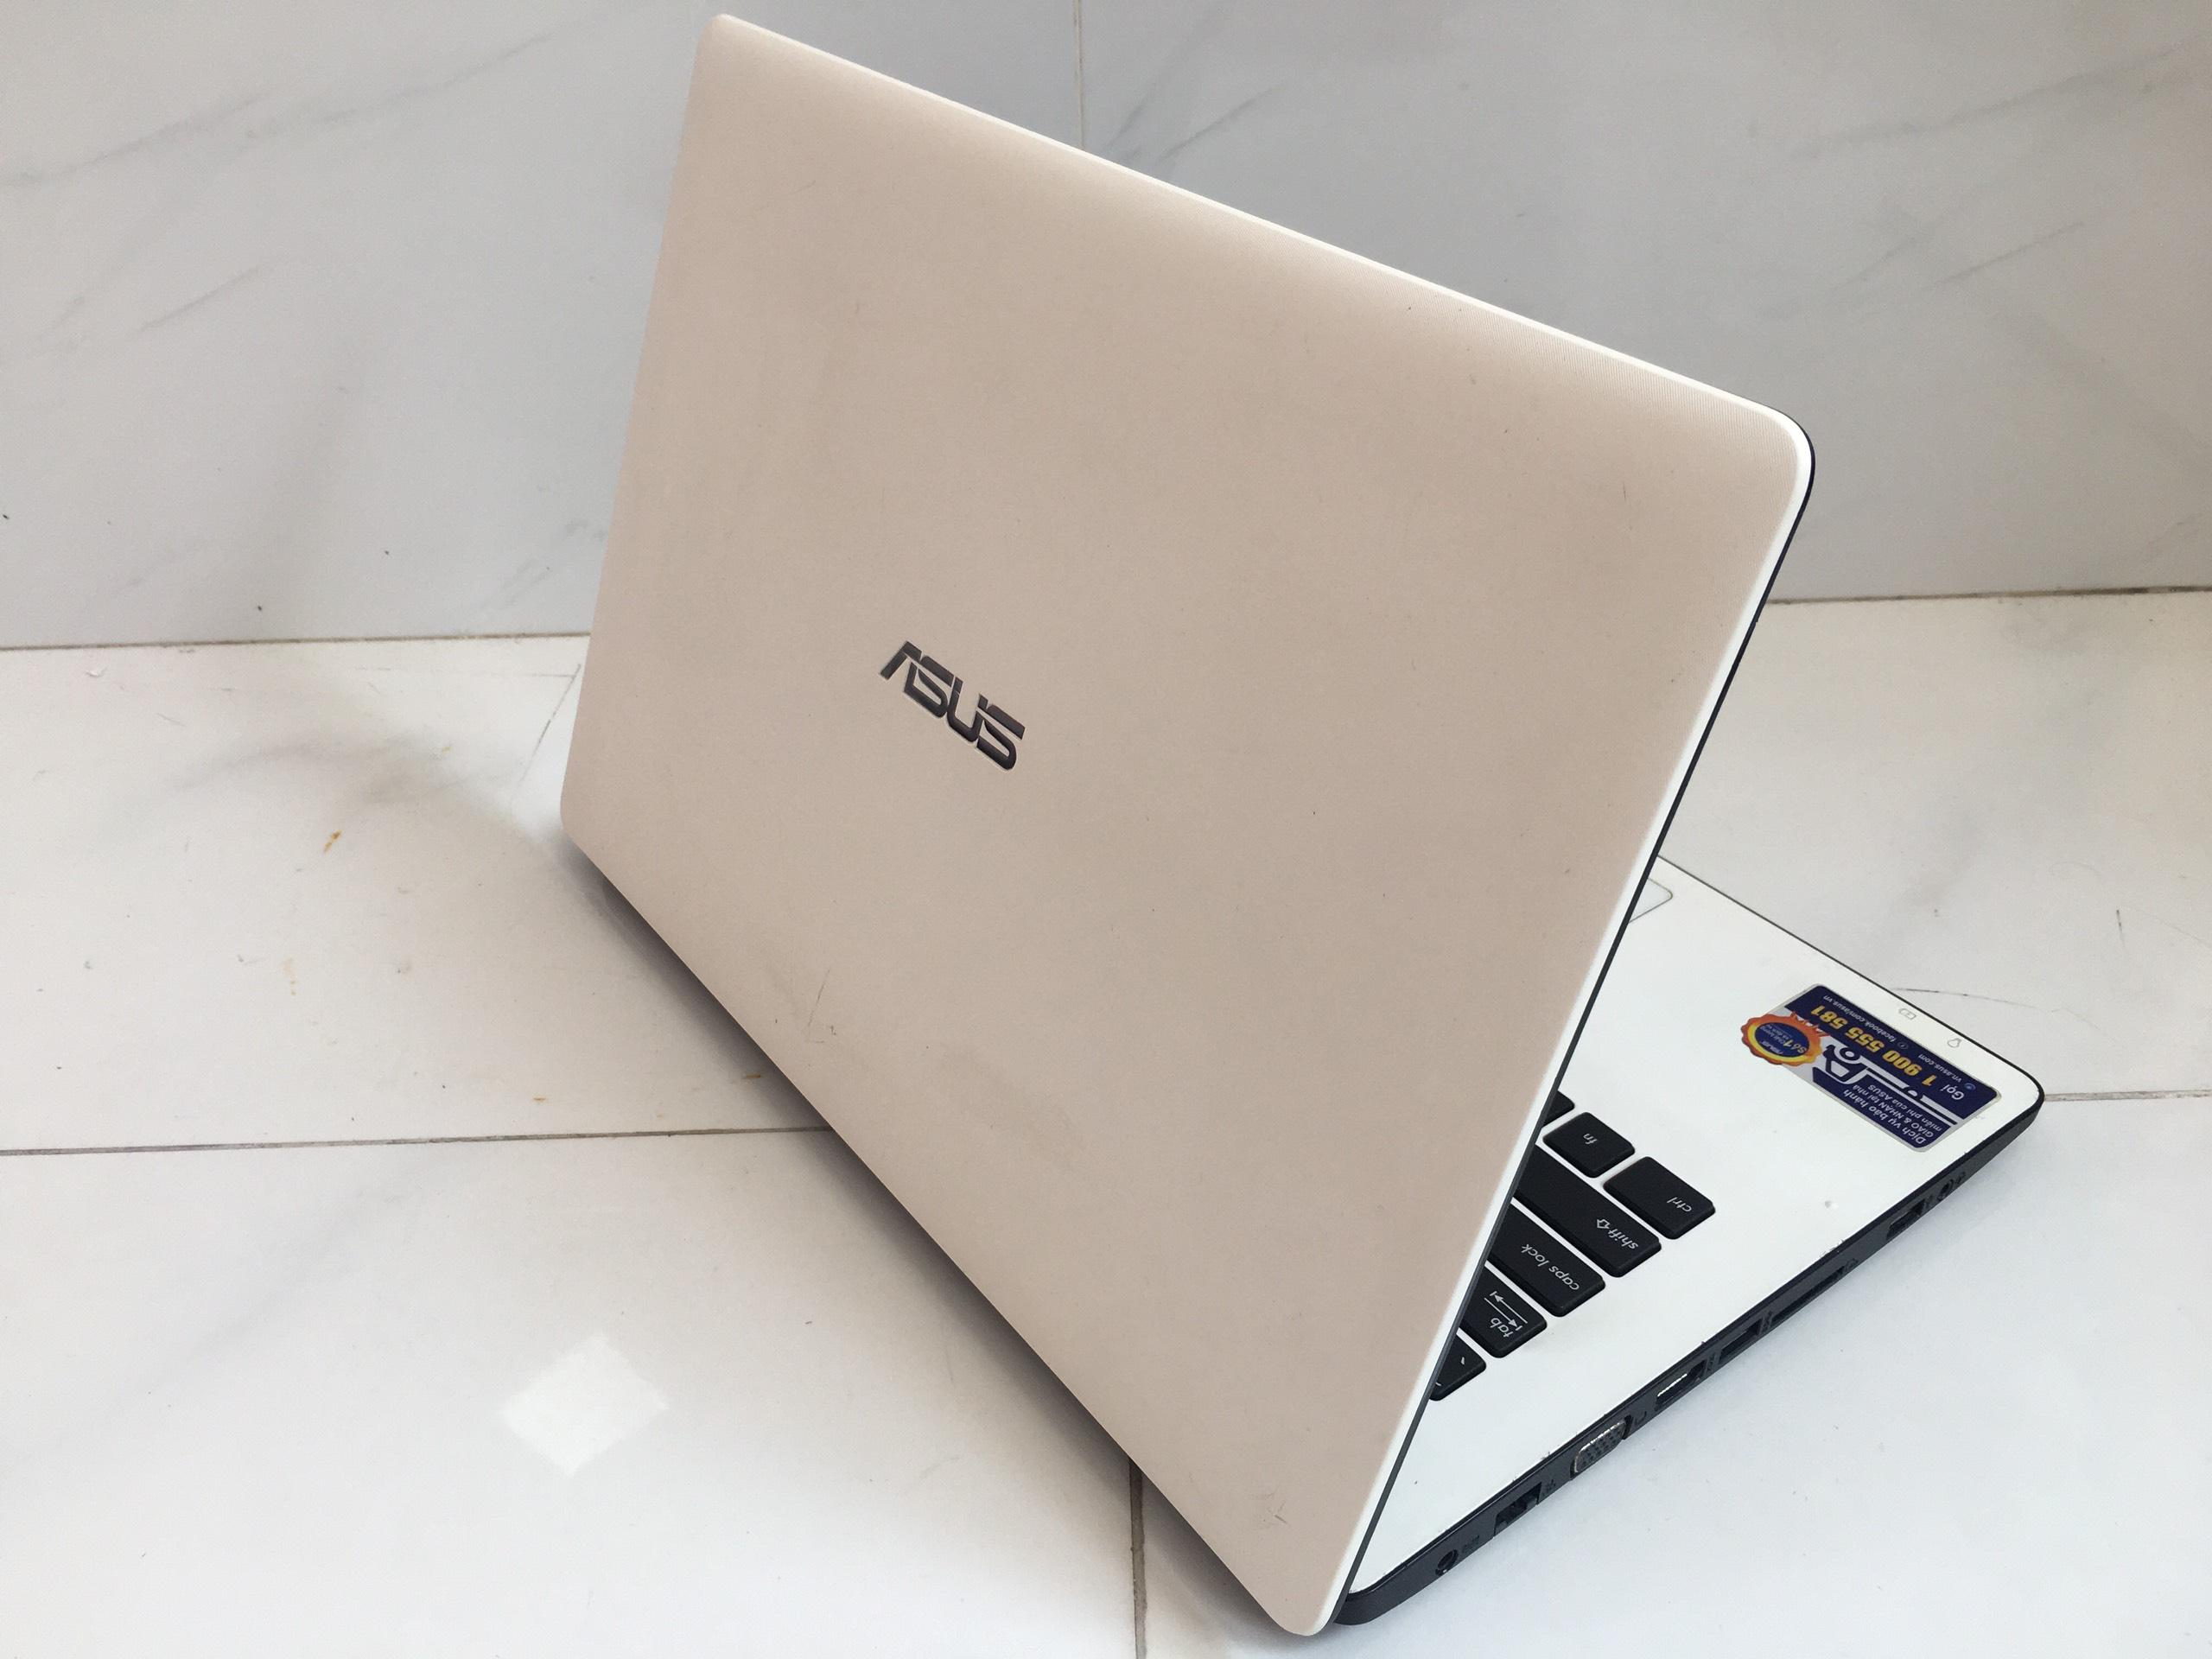 laptop-asus-x435m-pentium-n3540-9